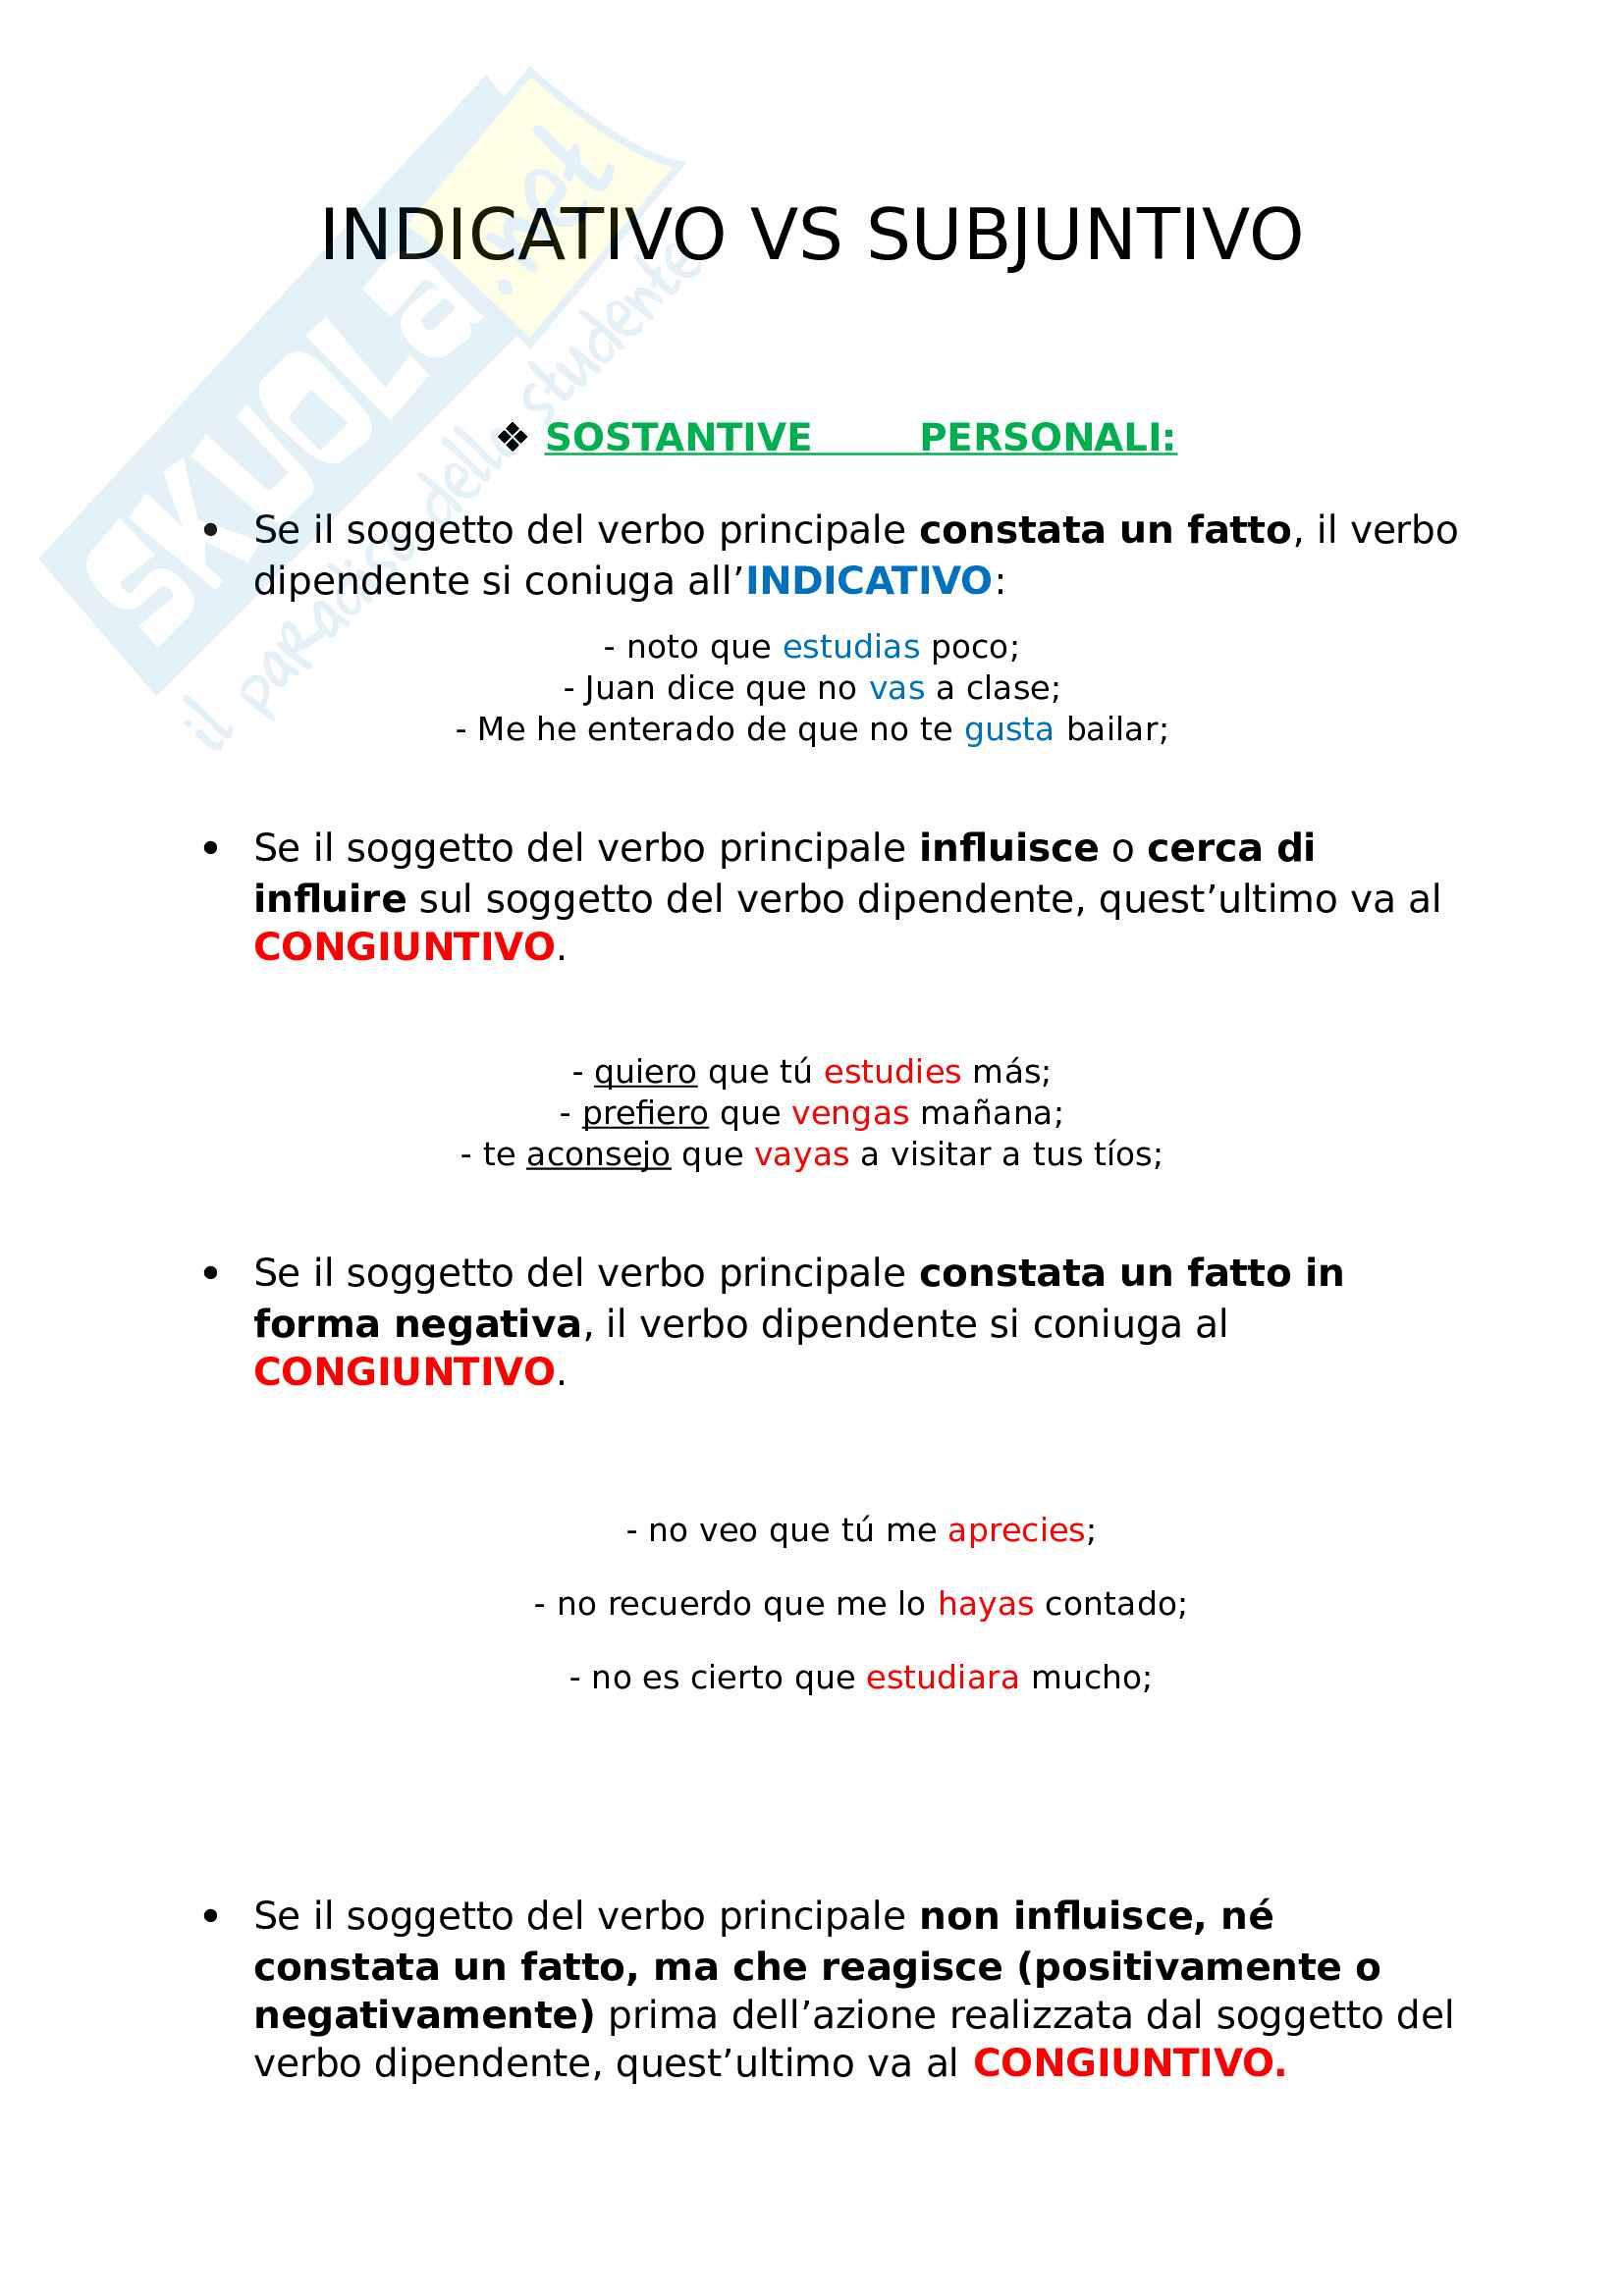 Uso del subjuntivo - Spagnolo